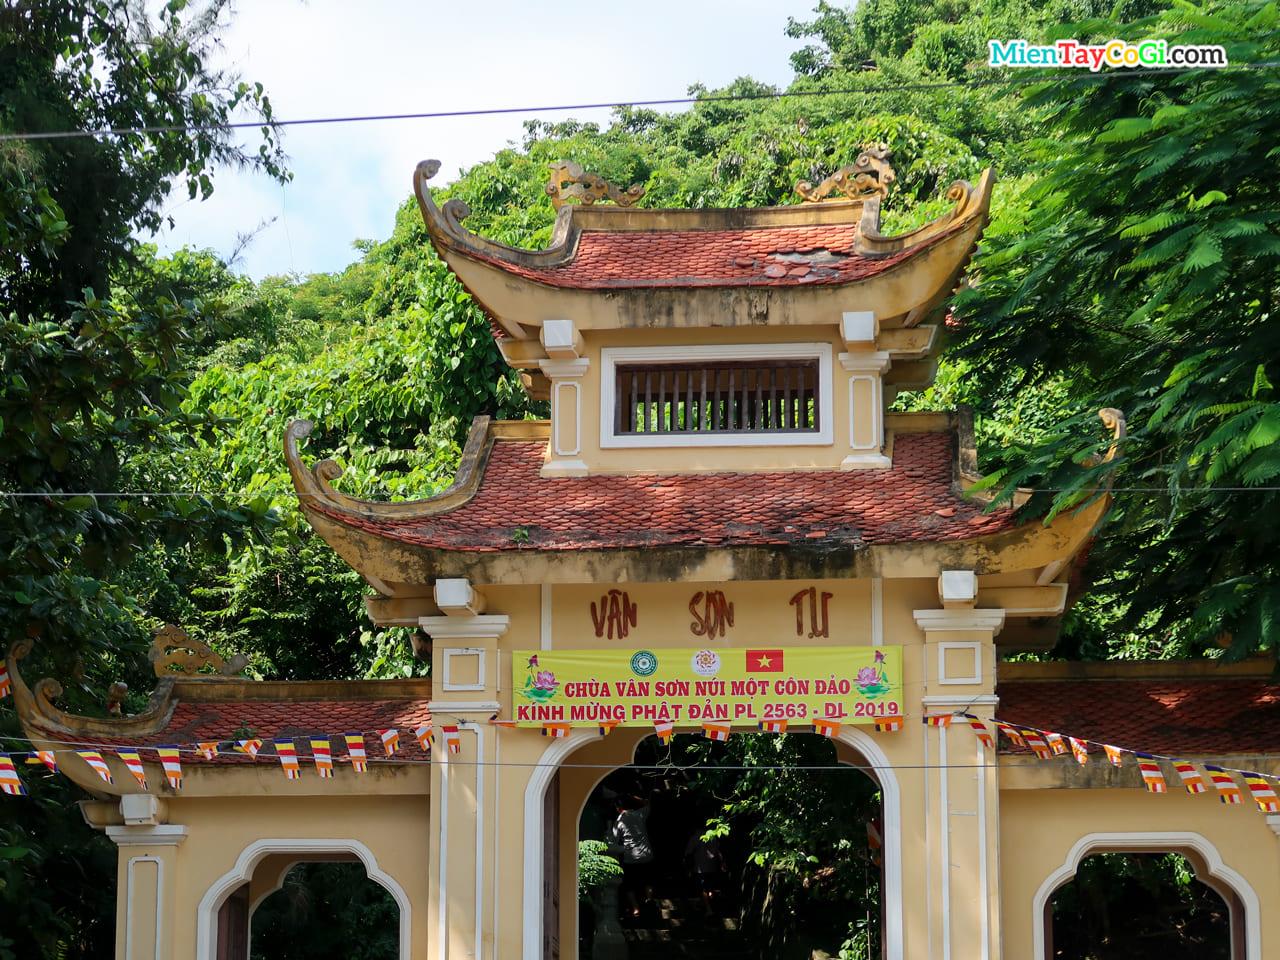 Vân Sơn Tự tại Côn Đảo